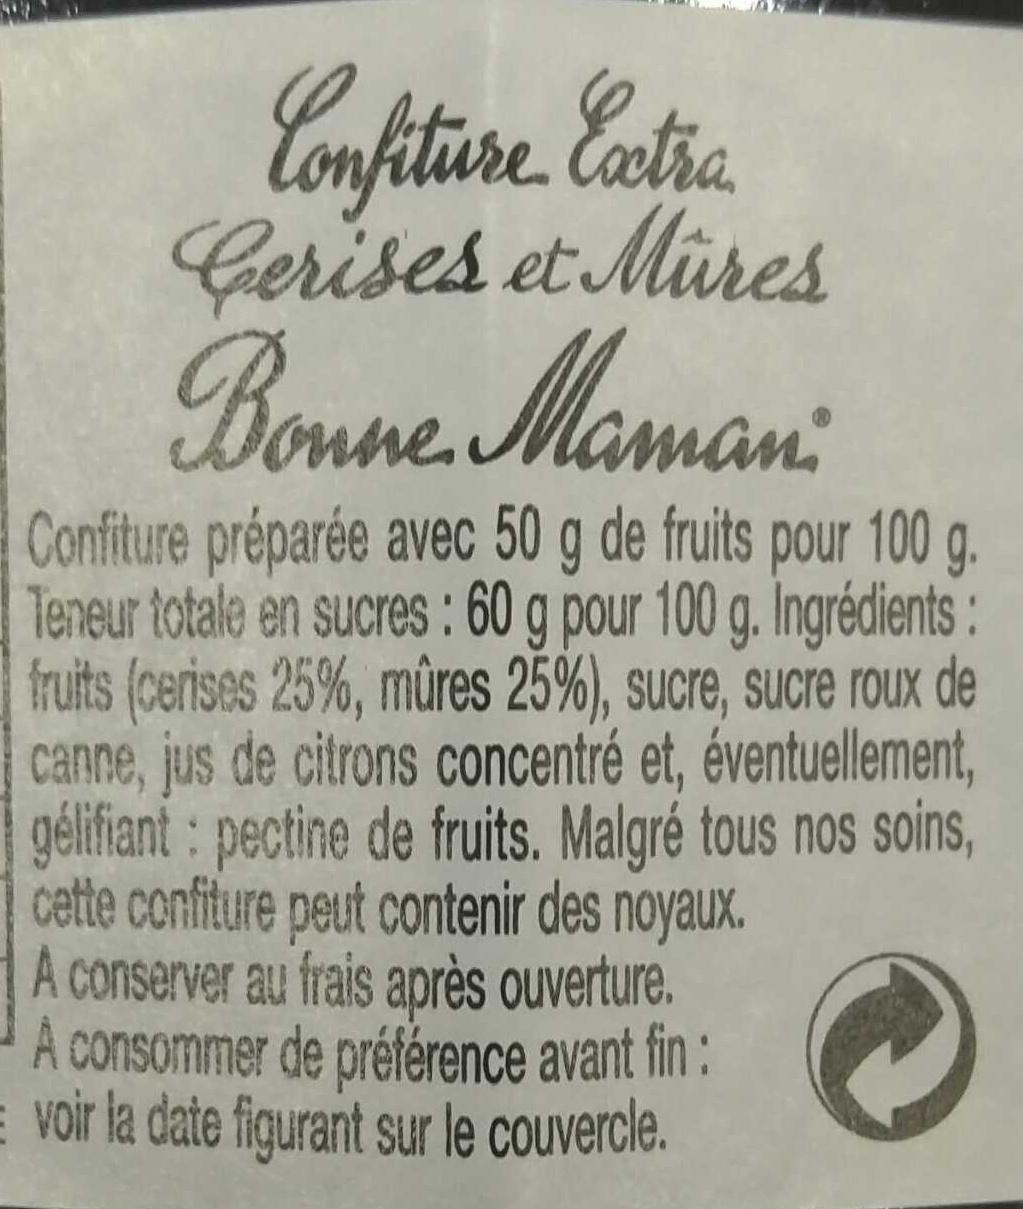 Cerises et Mûres - Ingrédients - fr